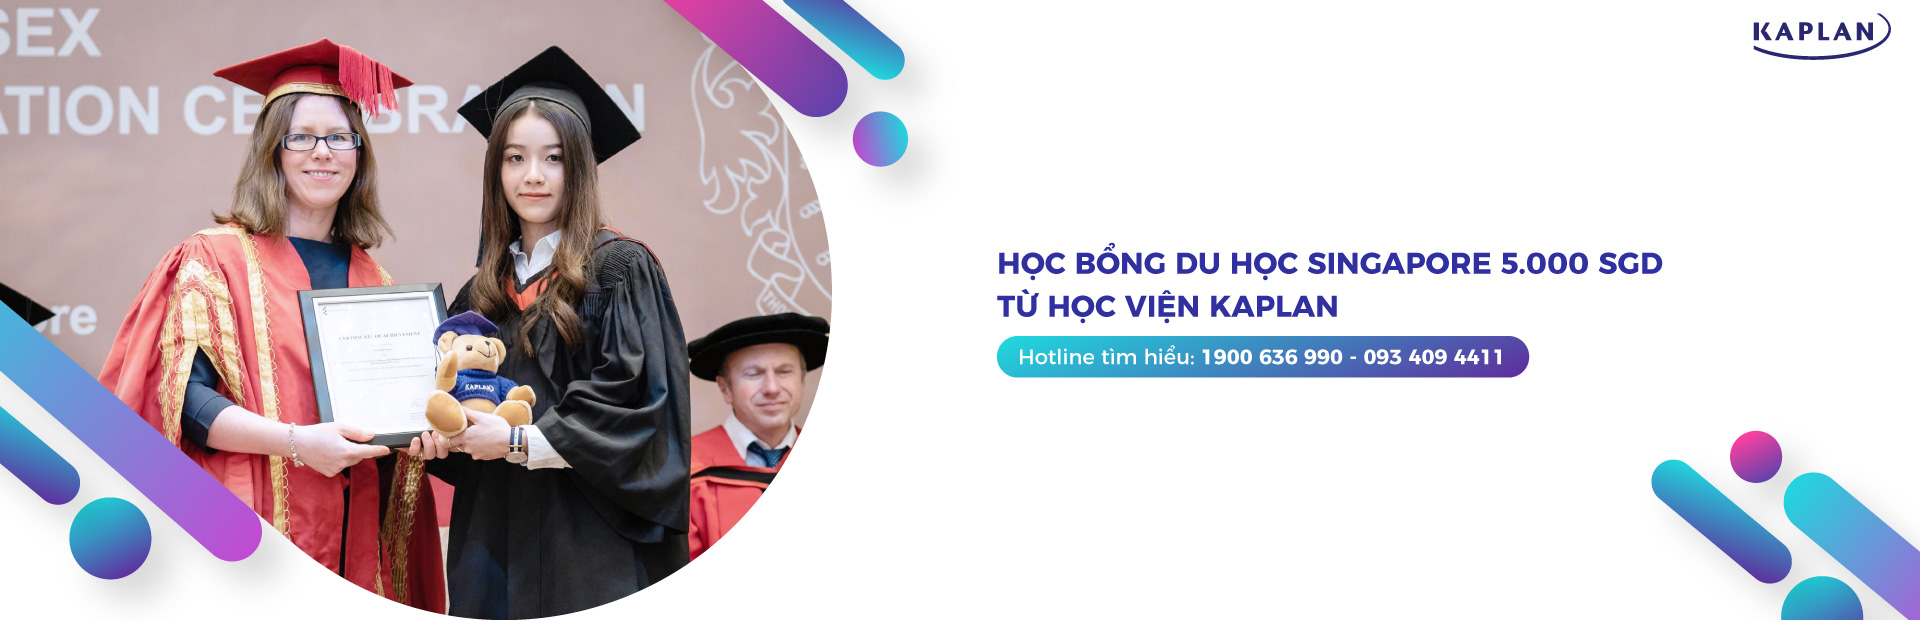 Kaplan hoc bong